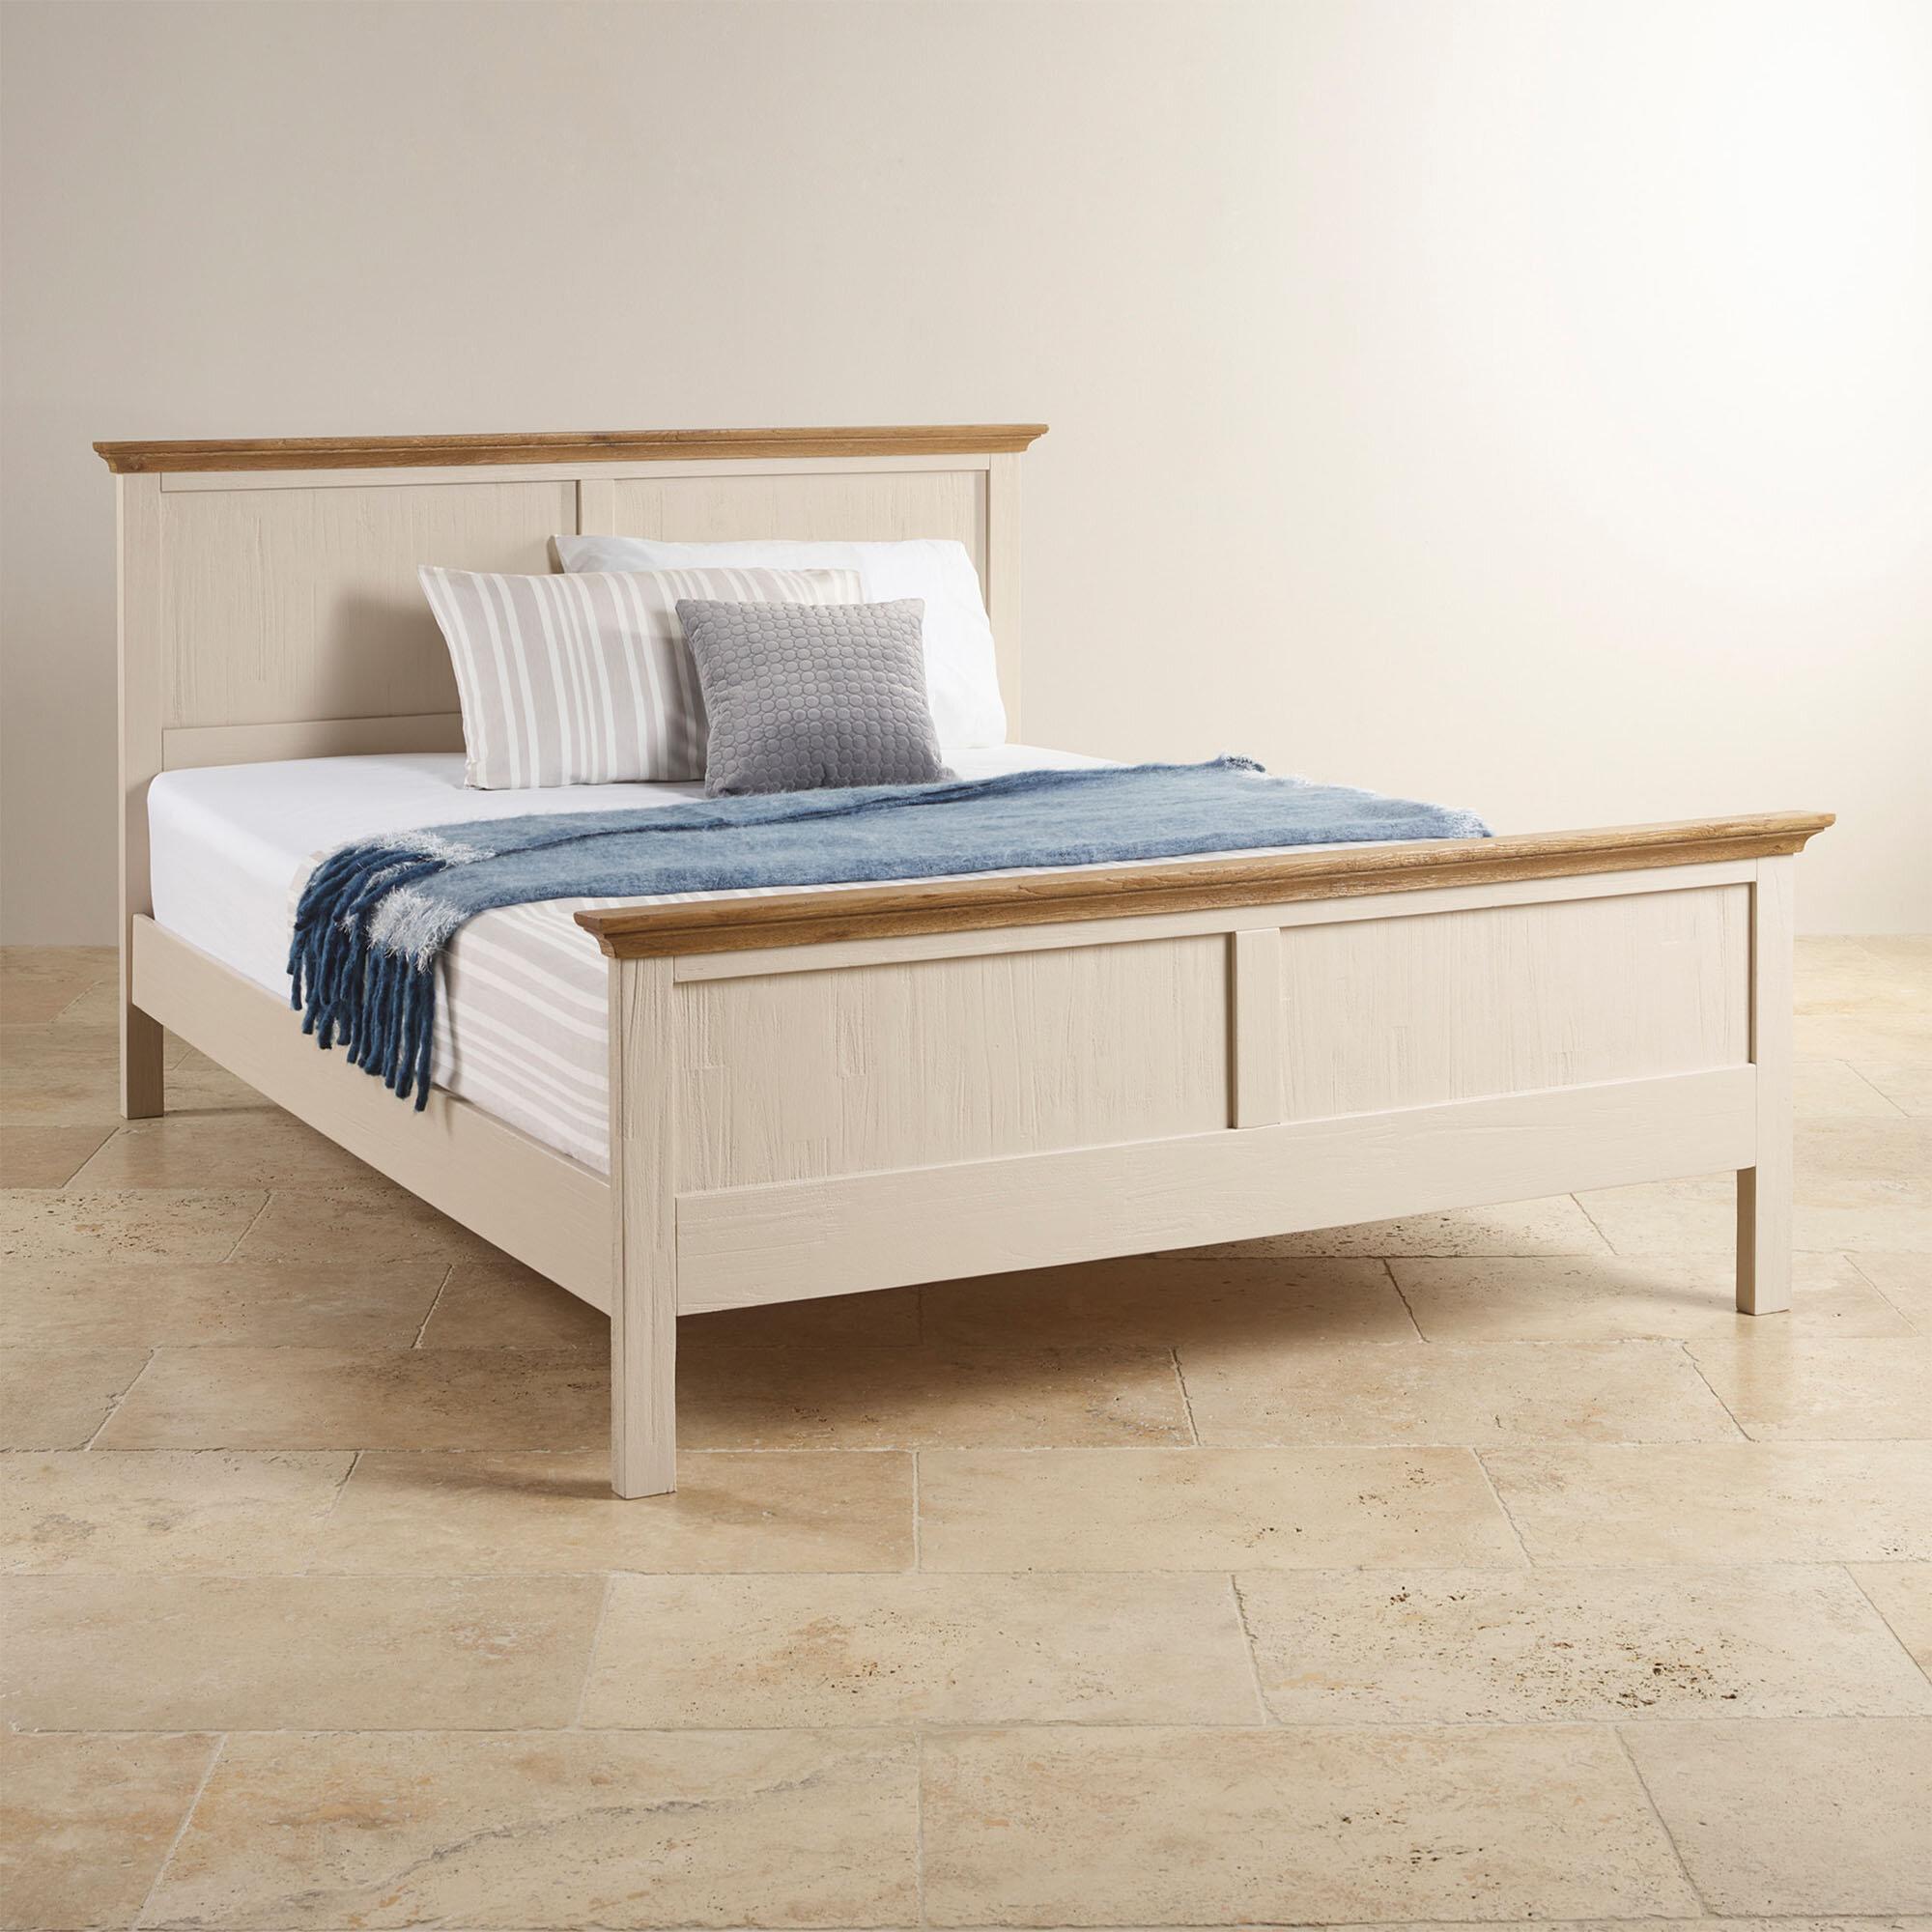 Giường với thiết kế đơn giản nhưng tinh tế phù hợp với nhiều phong cách nội thất